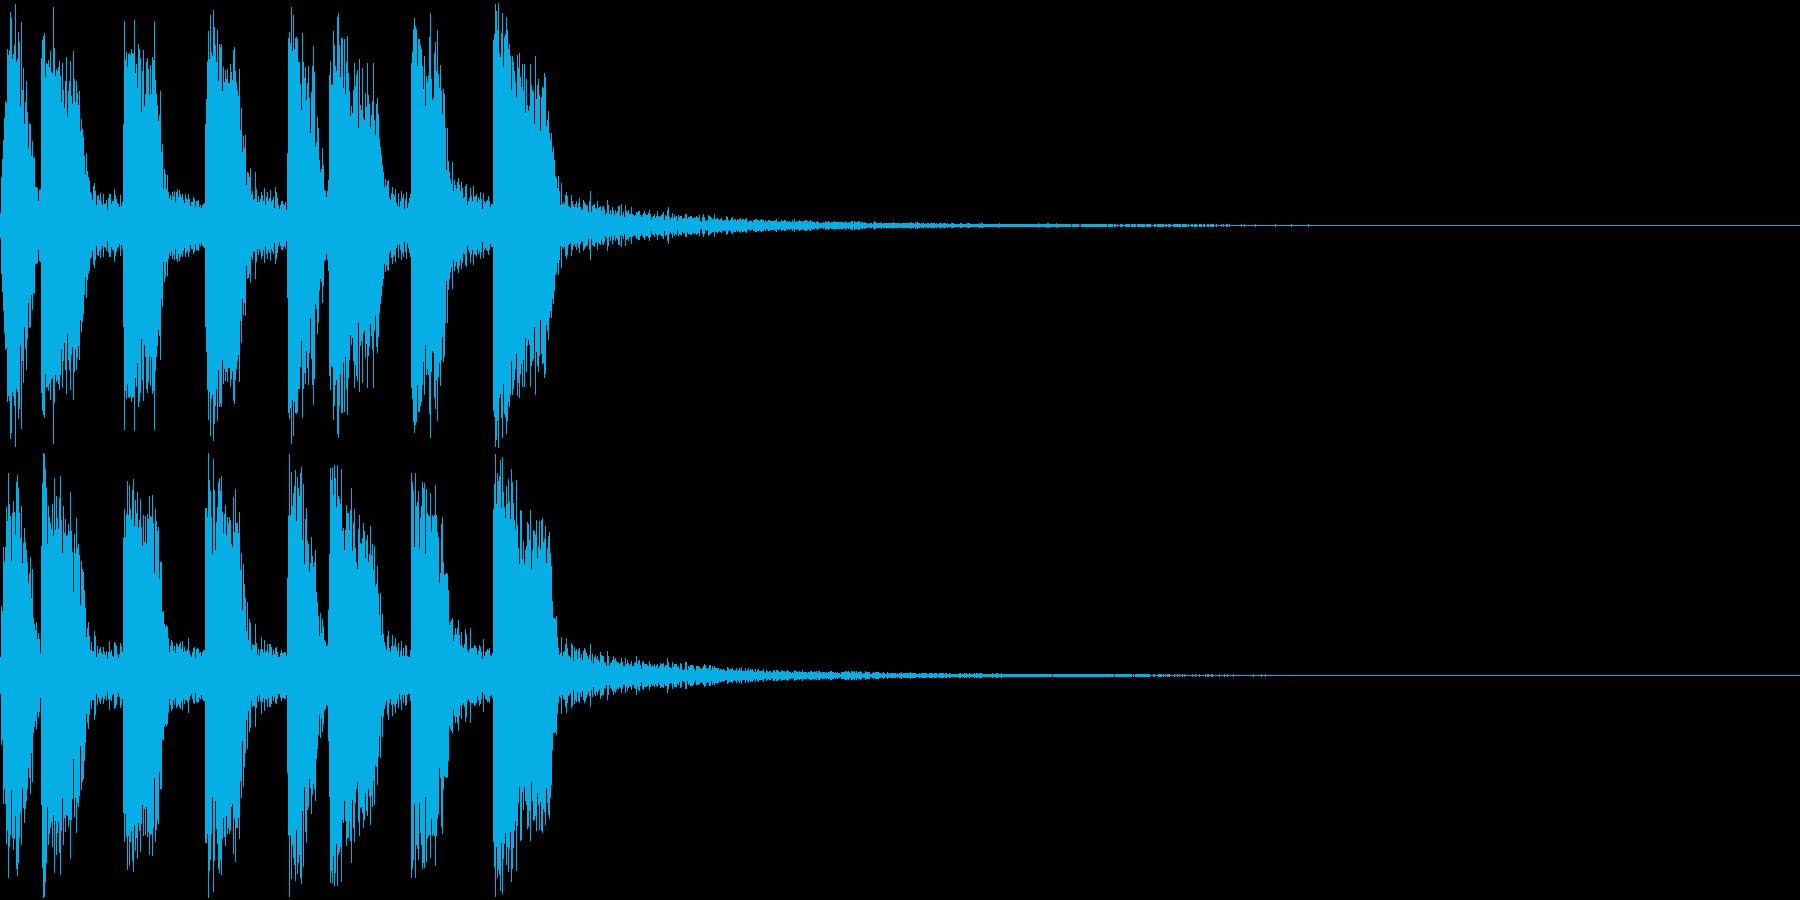 アイテム ファンファーレ ゲット音 2の再生済みの波形